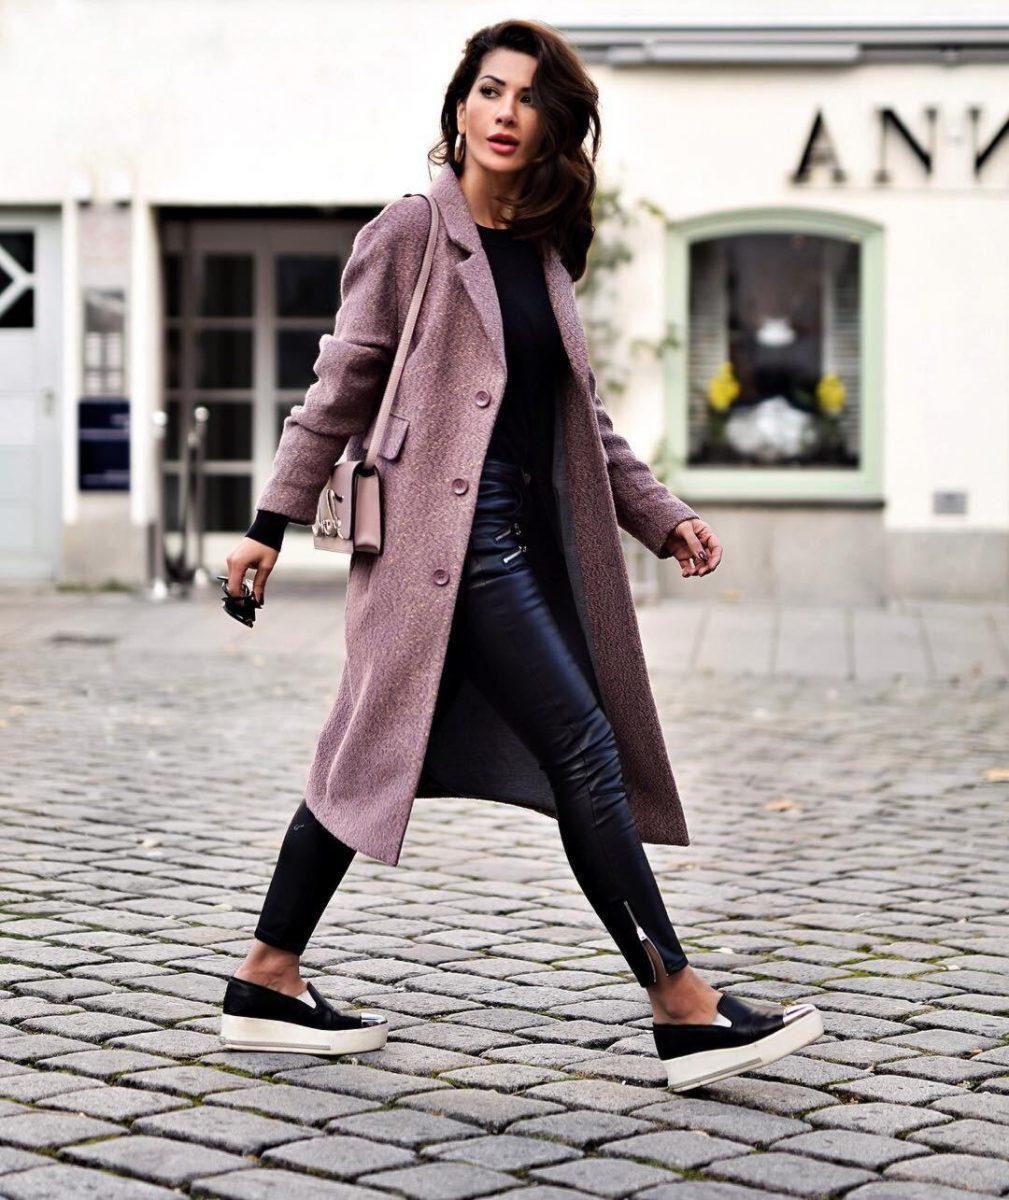 8a50a9d6b0f Удобство и красота также является тенденцией и для подростковой моды.  Стилисты рекомендуют обратить внимание на модные кроссовки для подростков.